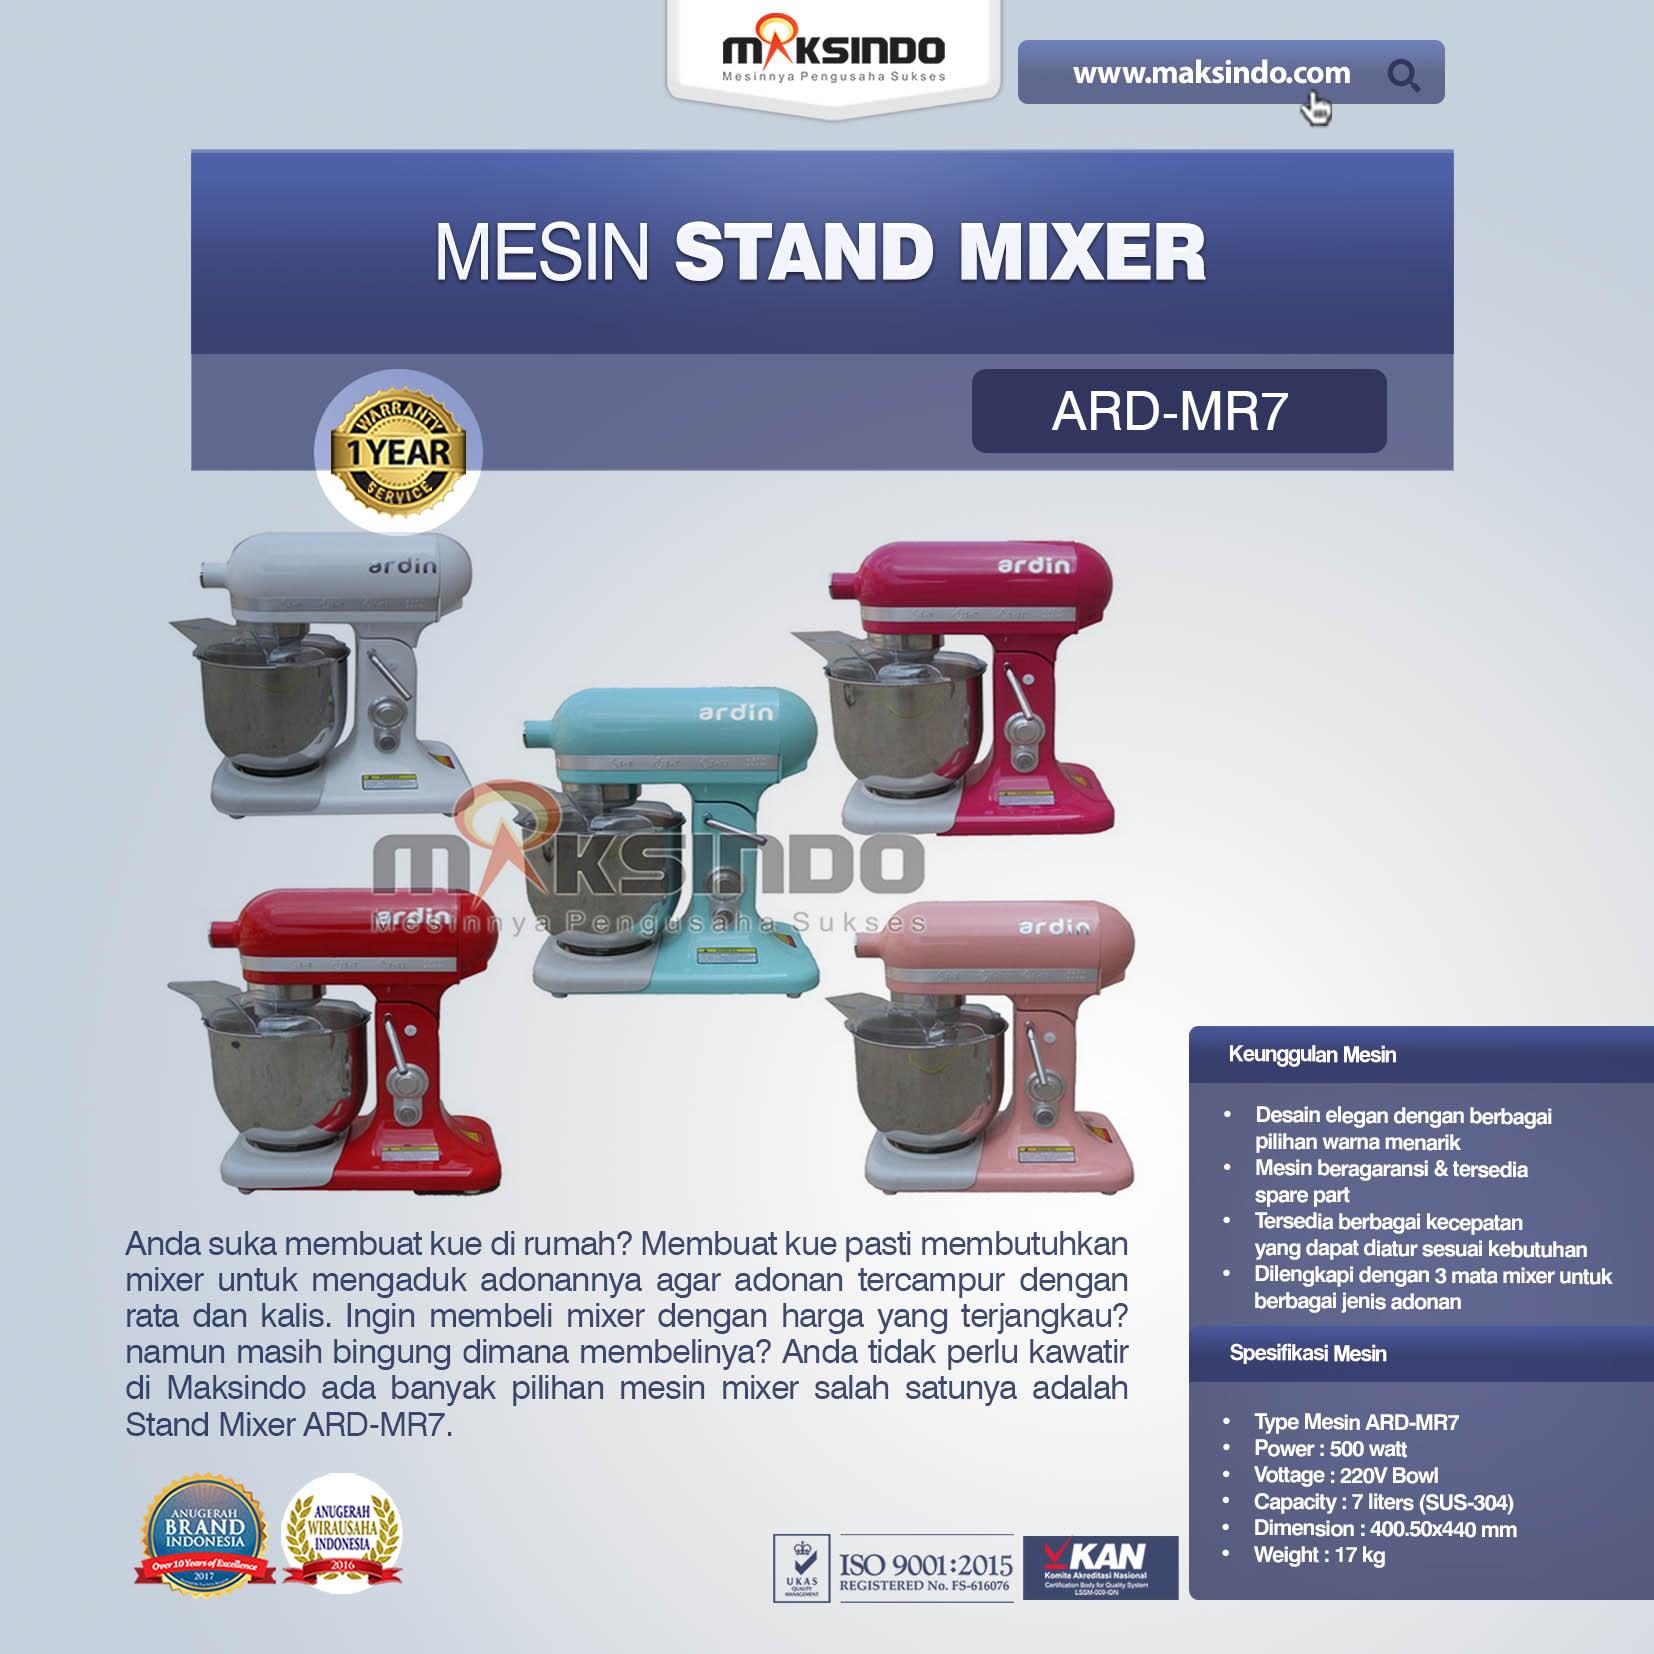 Jual Stand Mixer ARD-MR7 di Jakarta